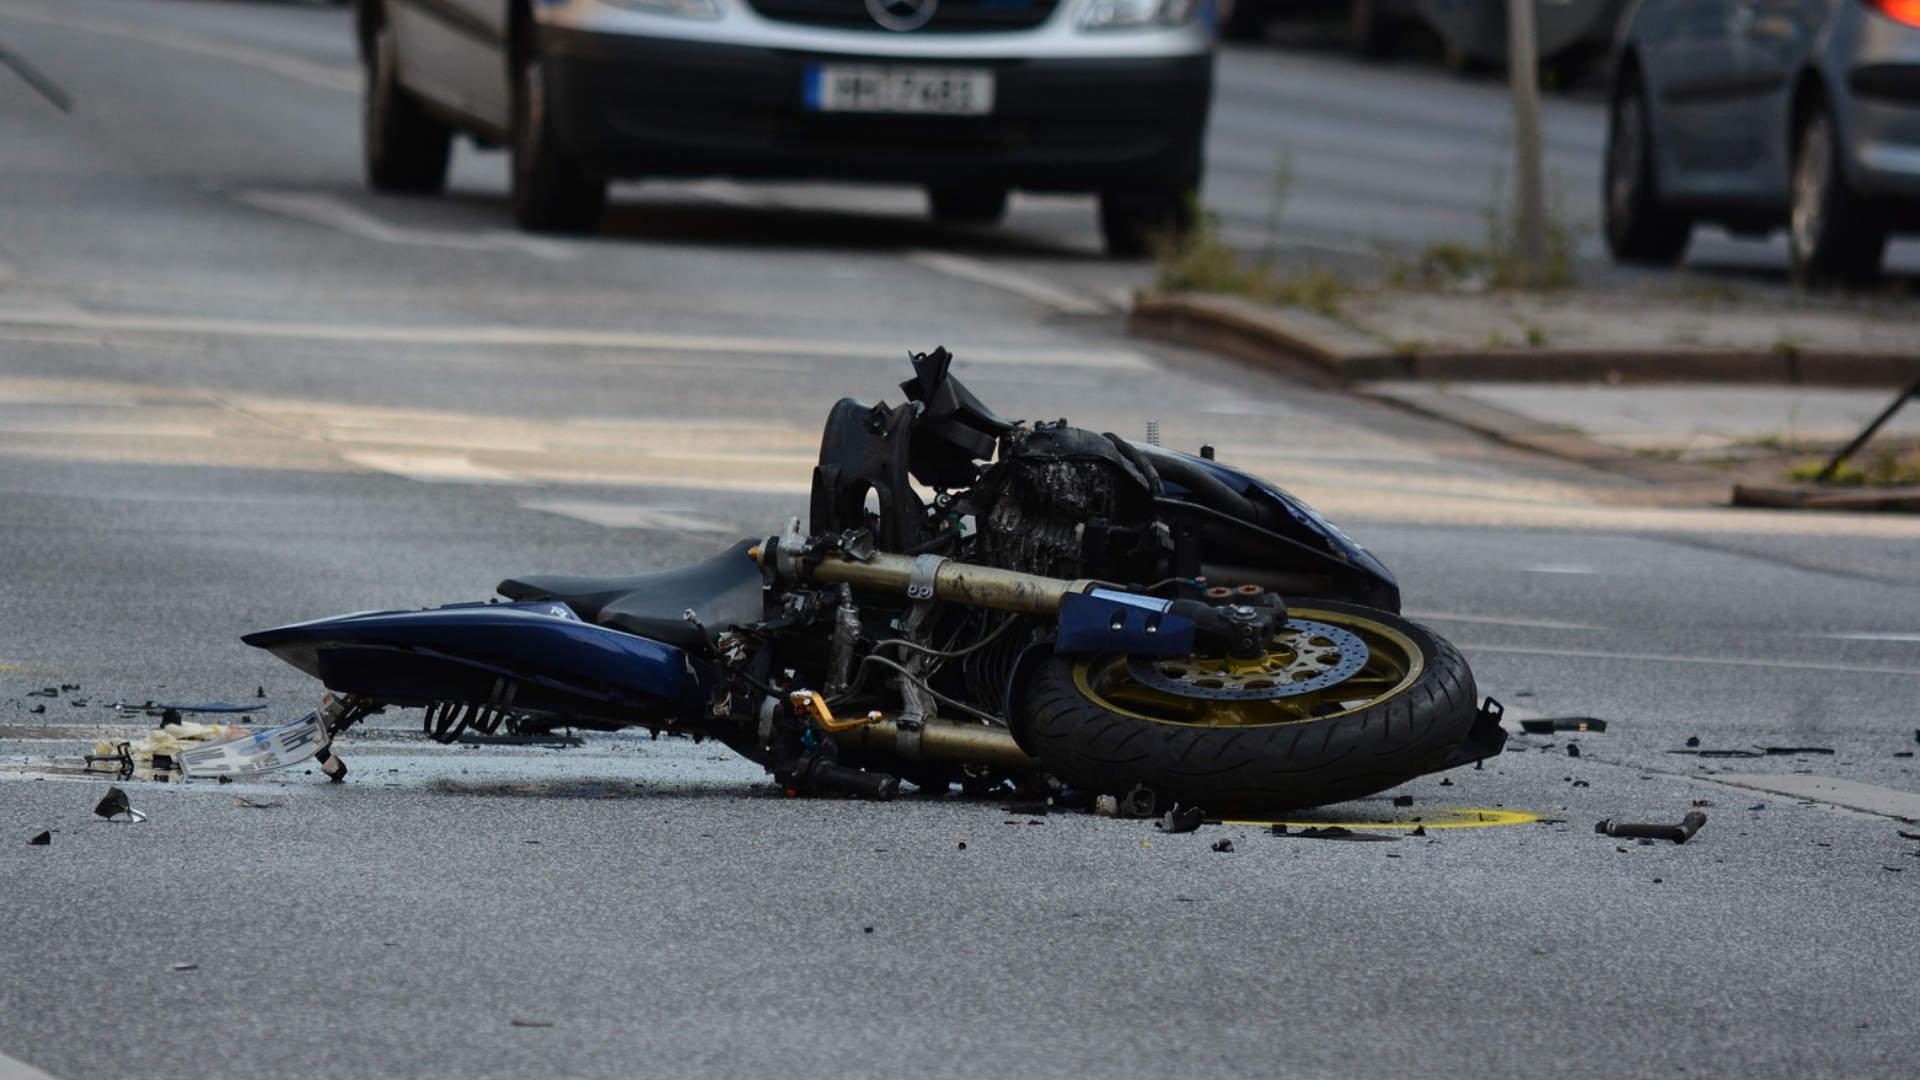 kaputtes Motorrad